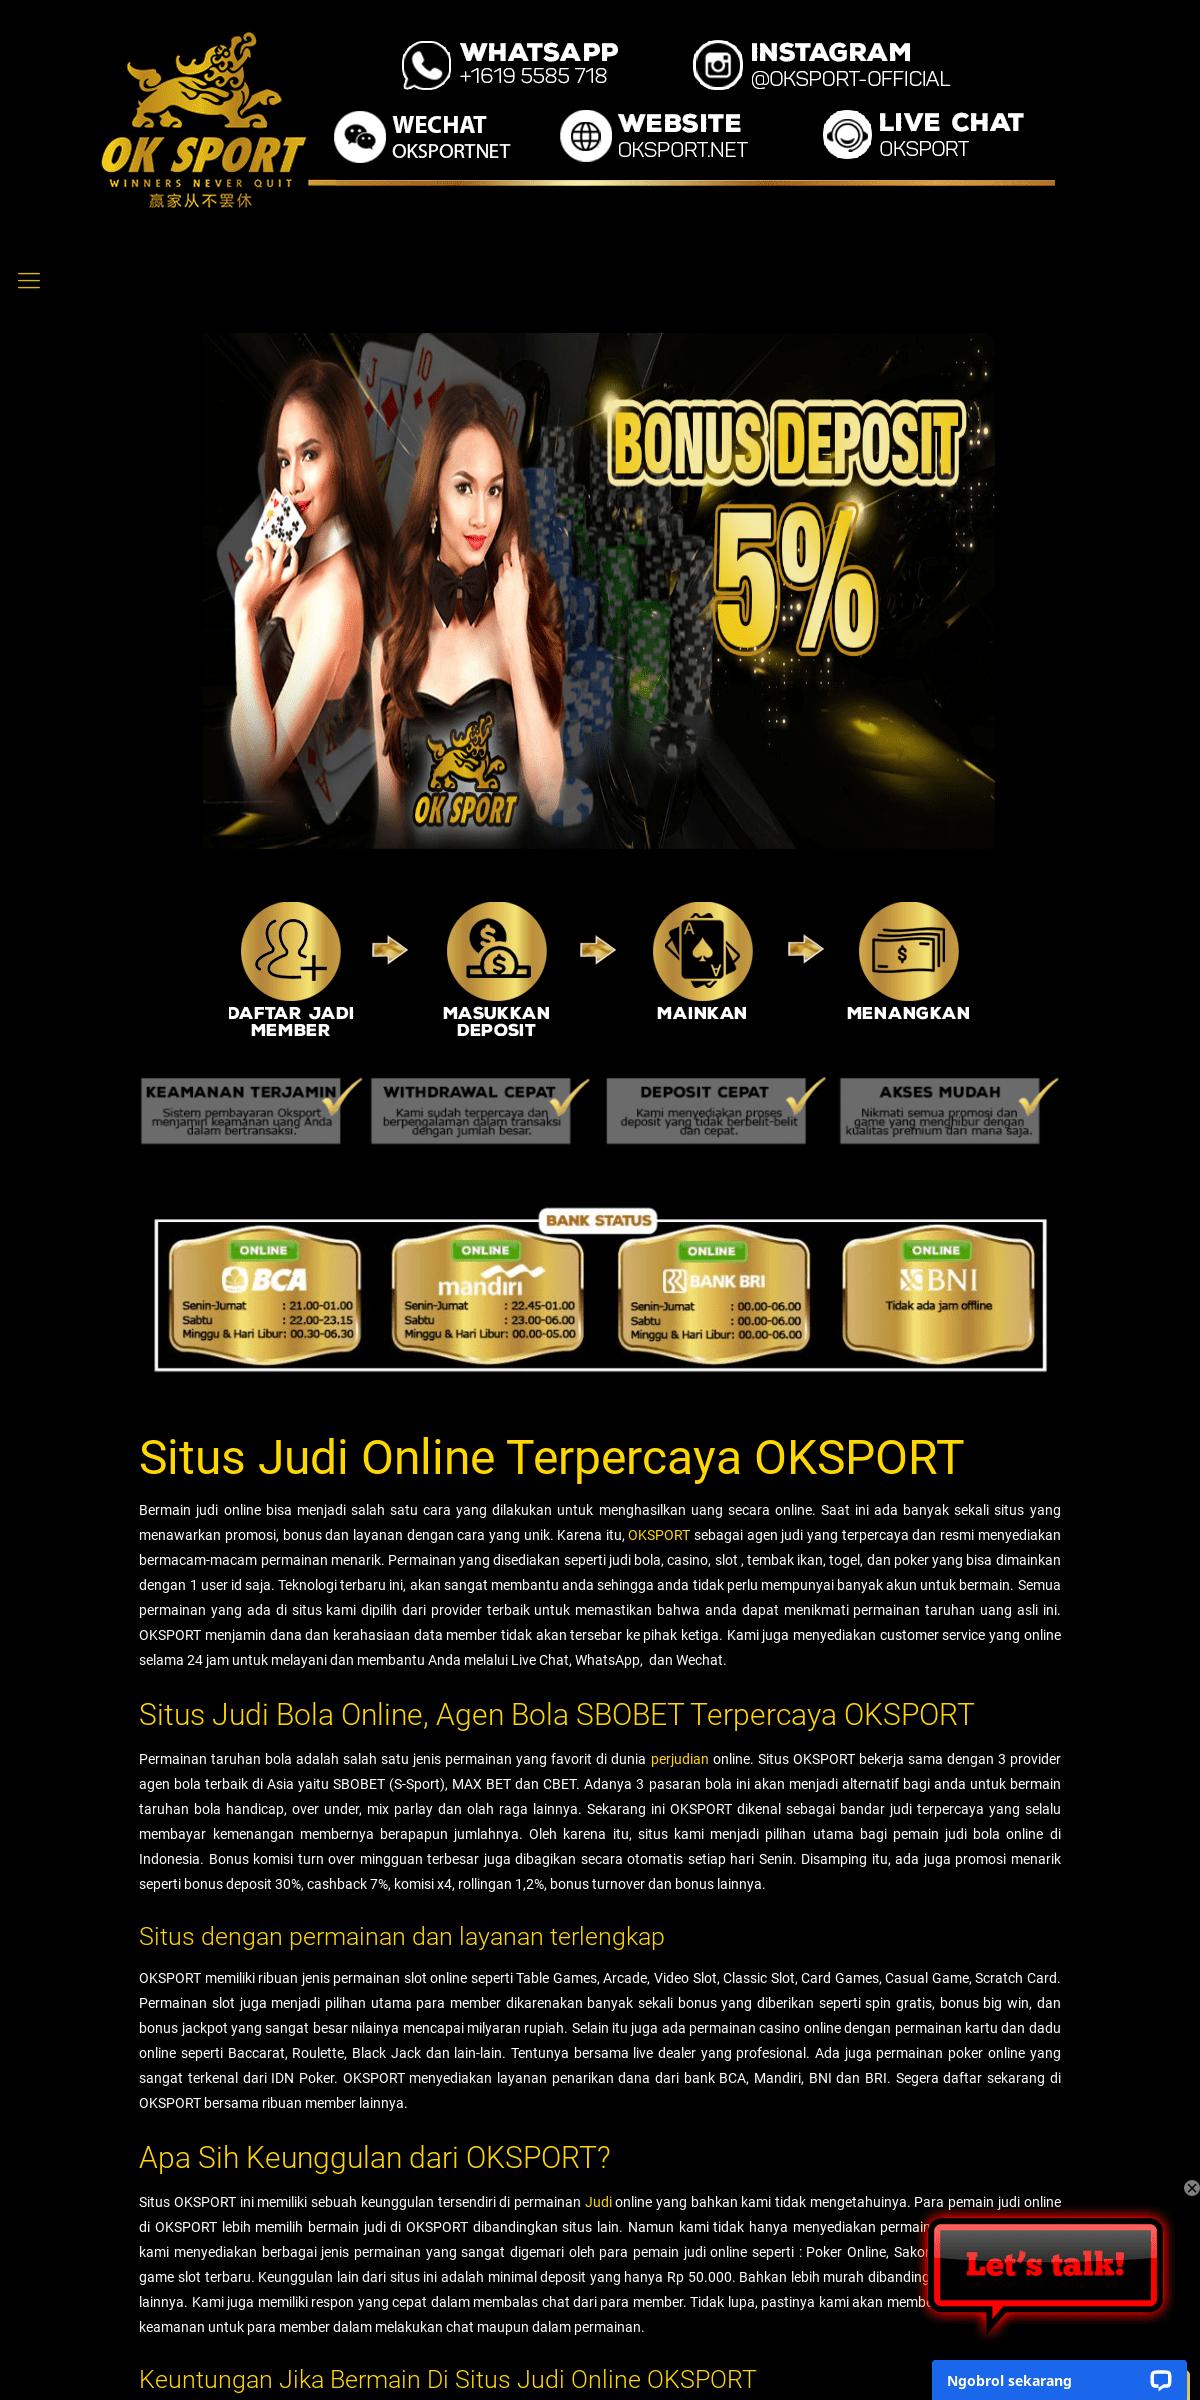 OKSport - Situs Judi Online dan Casino Online dengan Komisi TERBESAR 1.2-